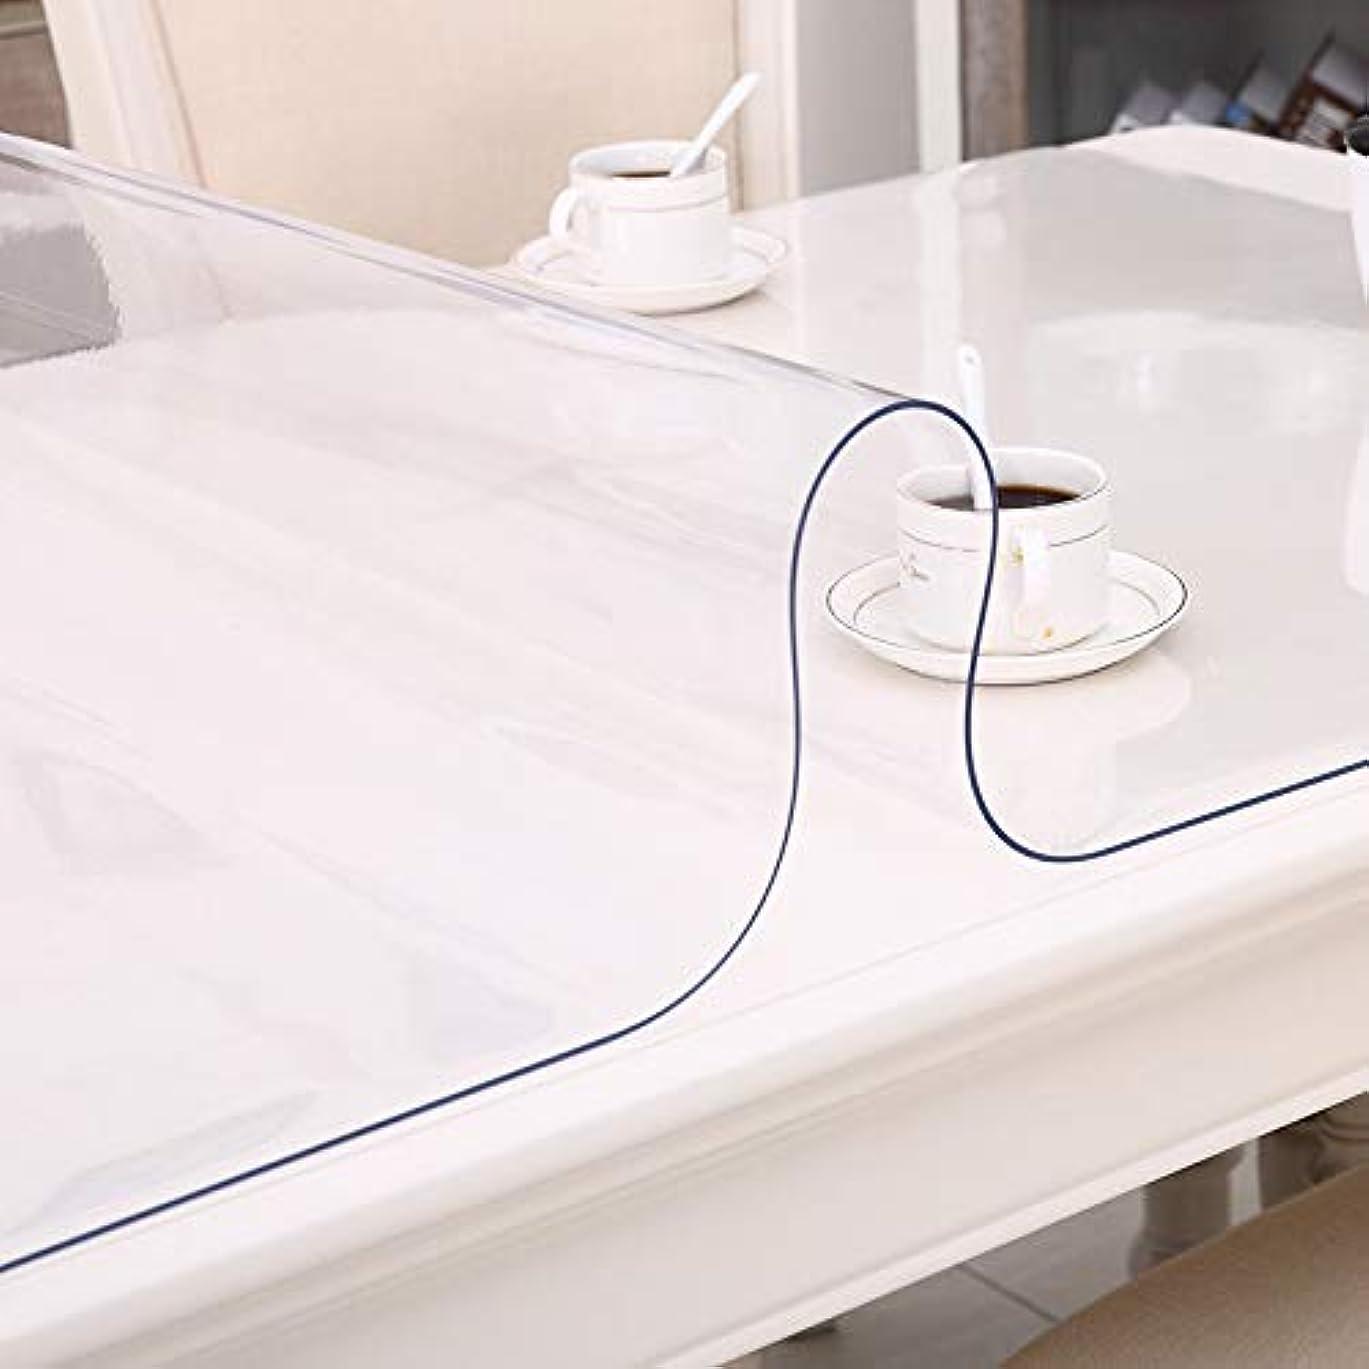 厳反逆ストライクEshinny シリコン ランチョンマット テーブルマット 断熱 撥水 防汚 耐熱温度230℃